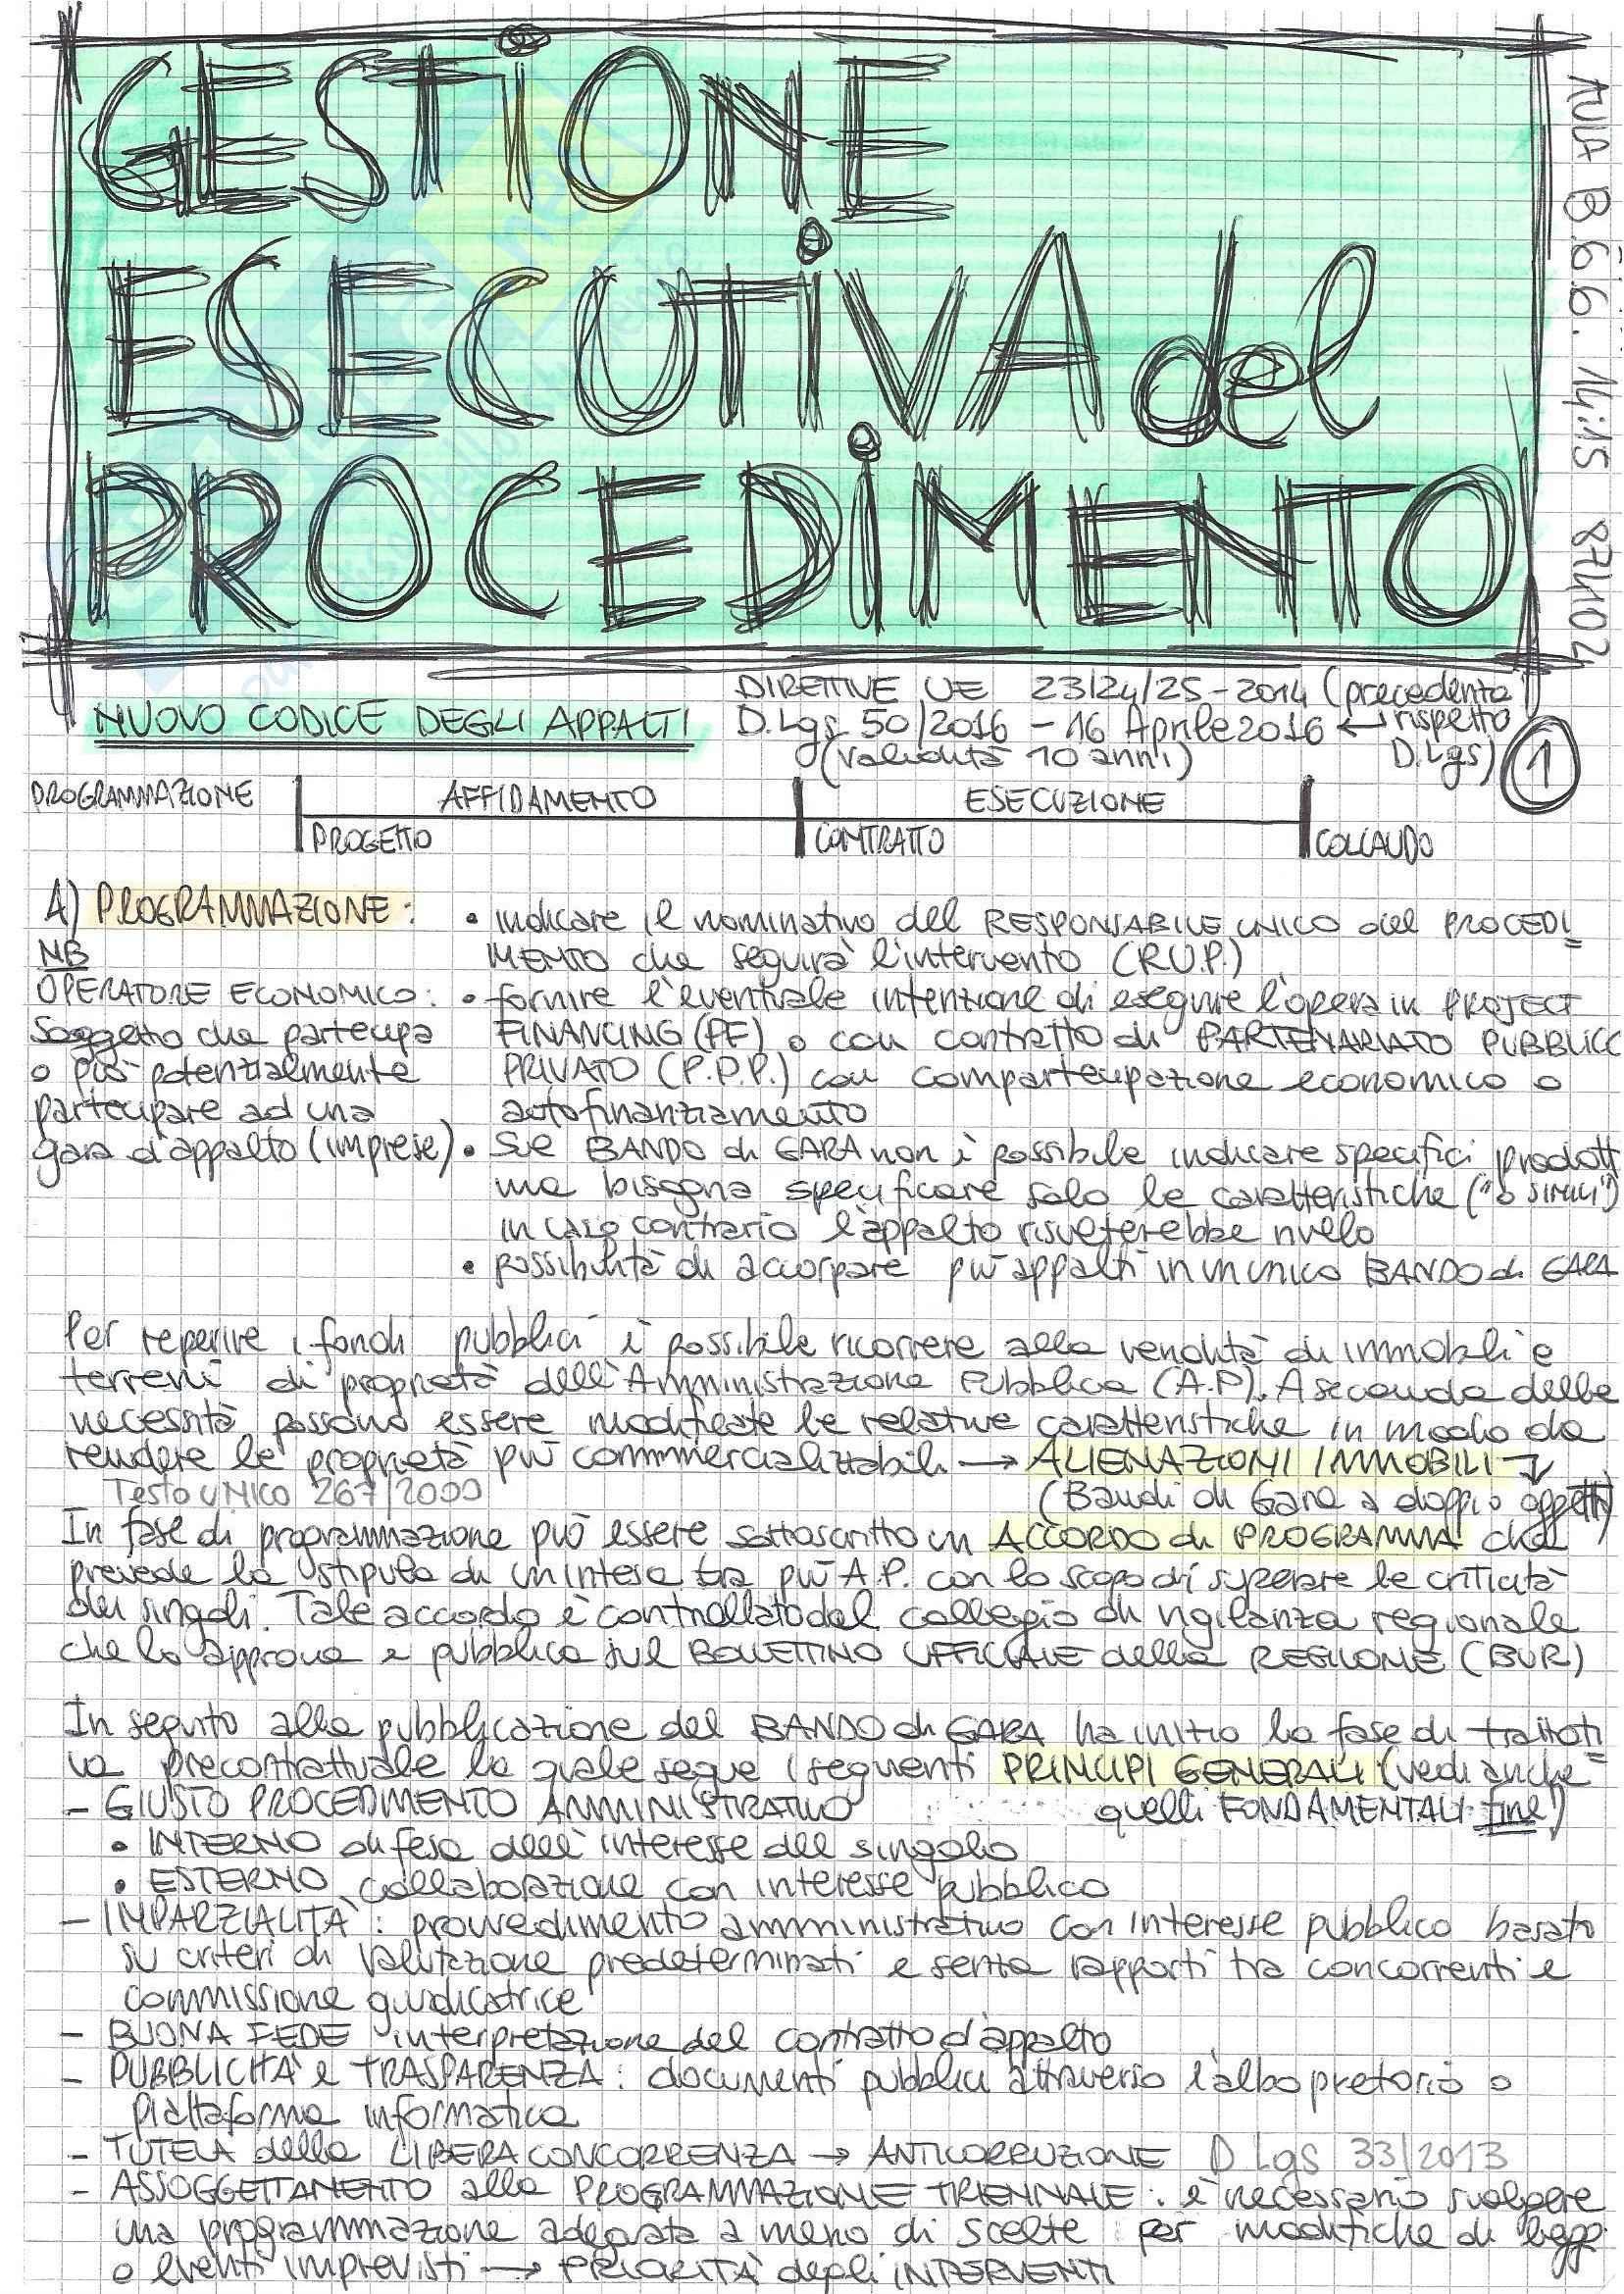 Gestione Esecutiva del Procedimento - Teoria